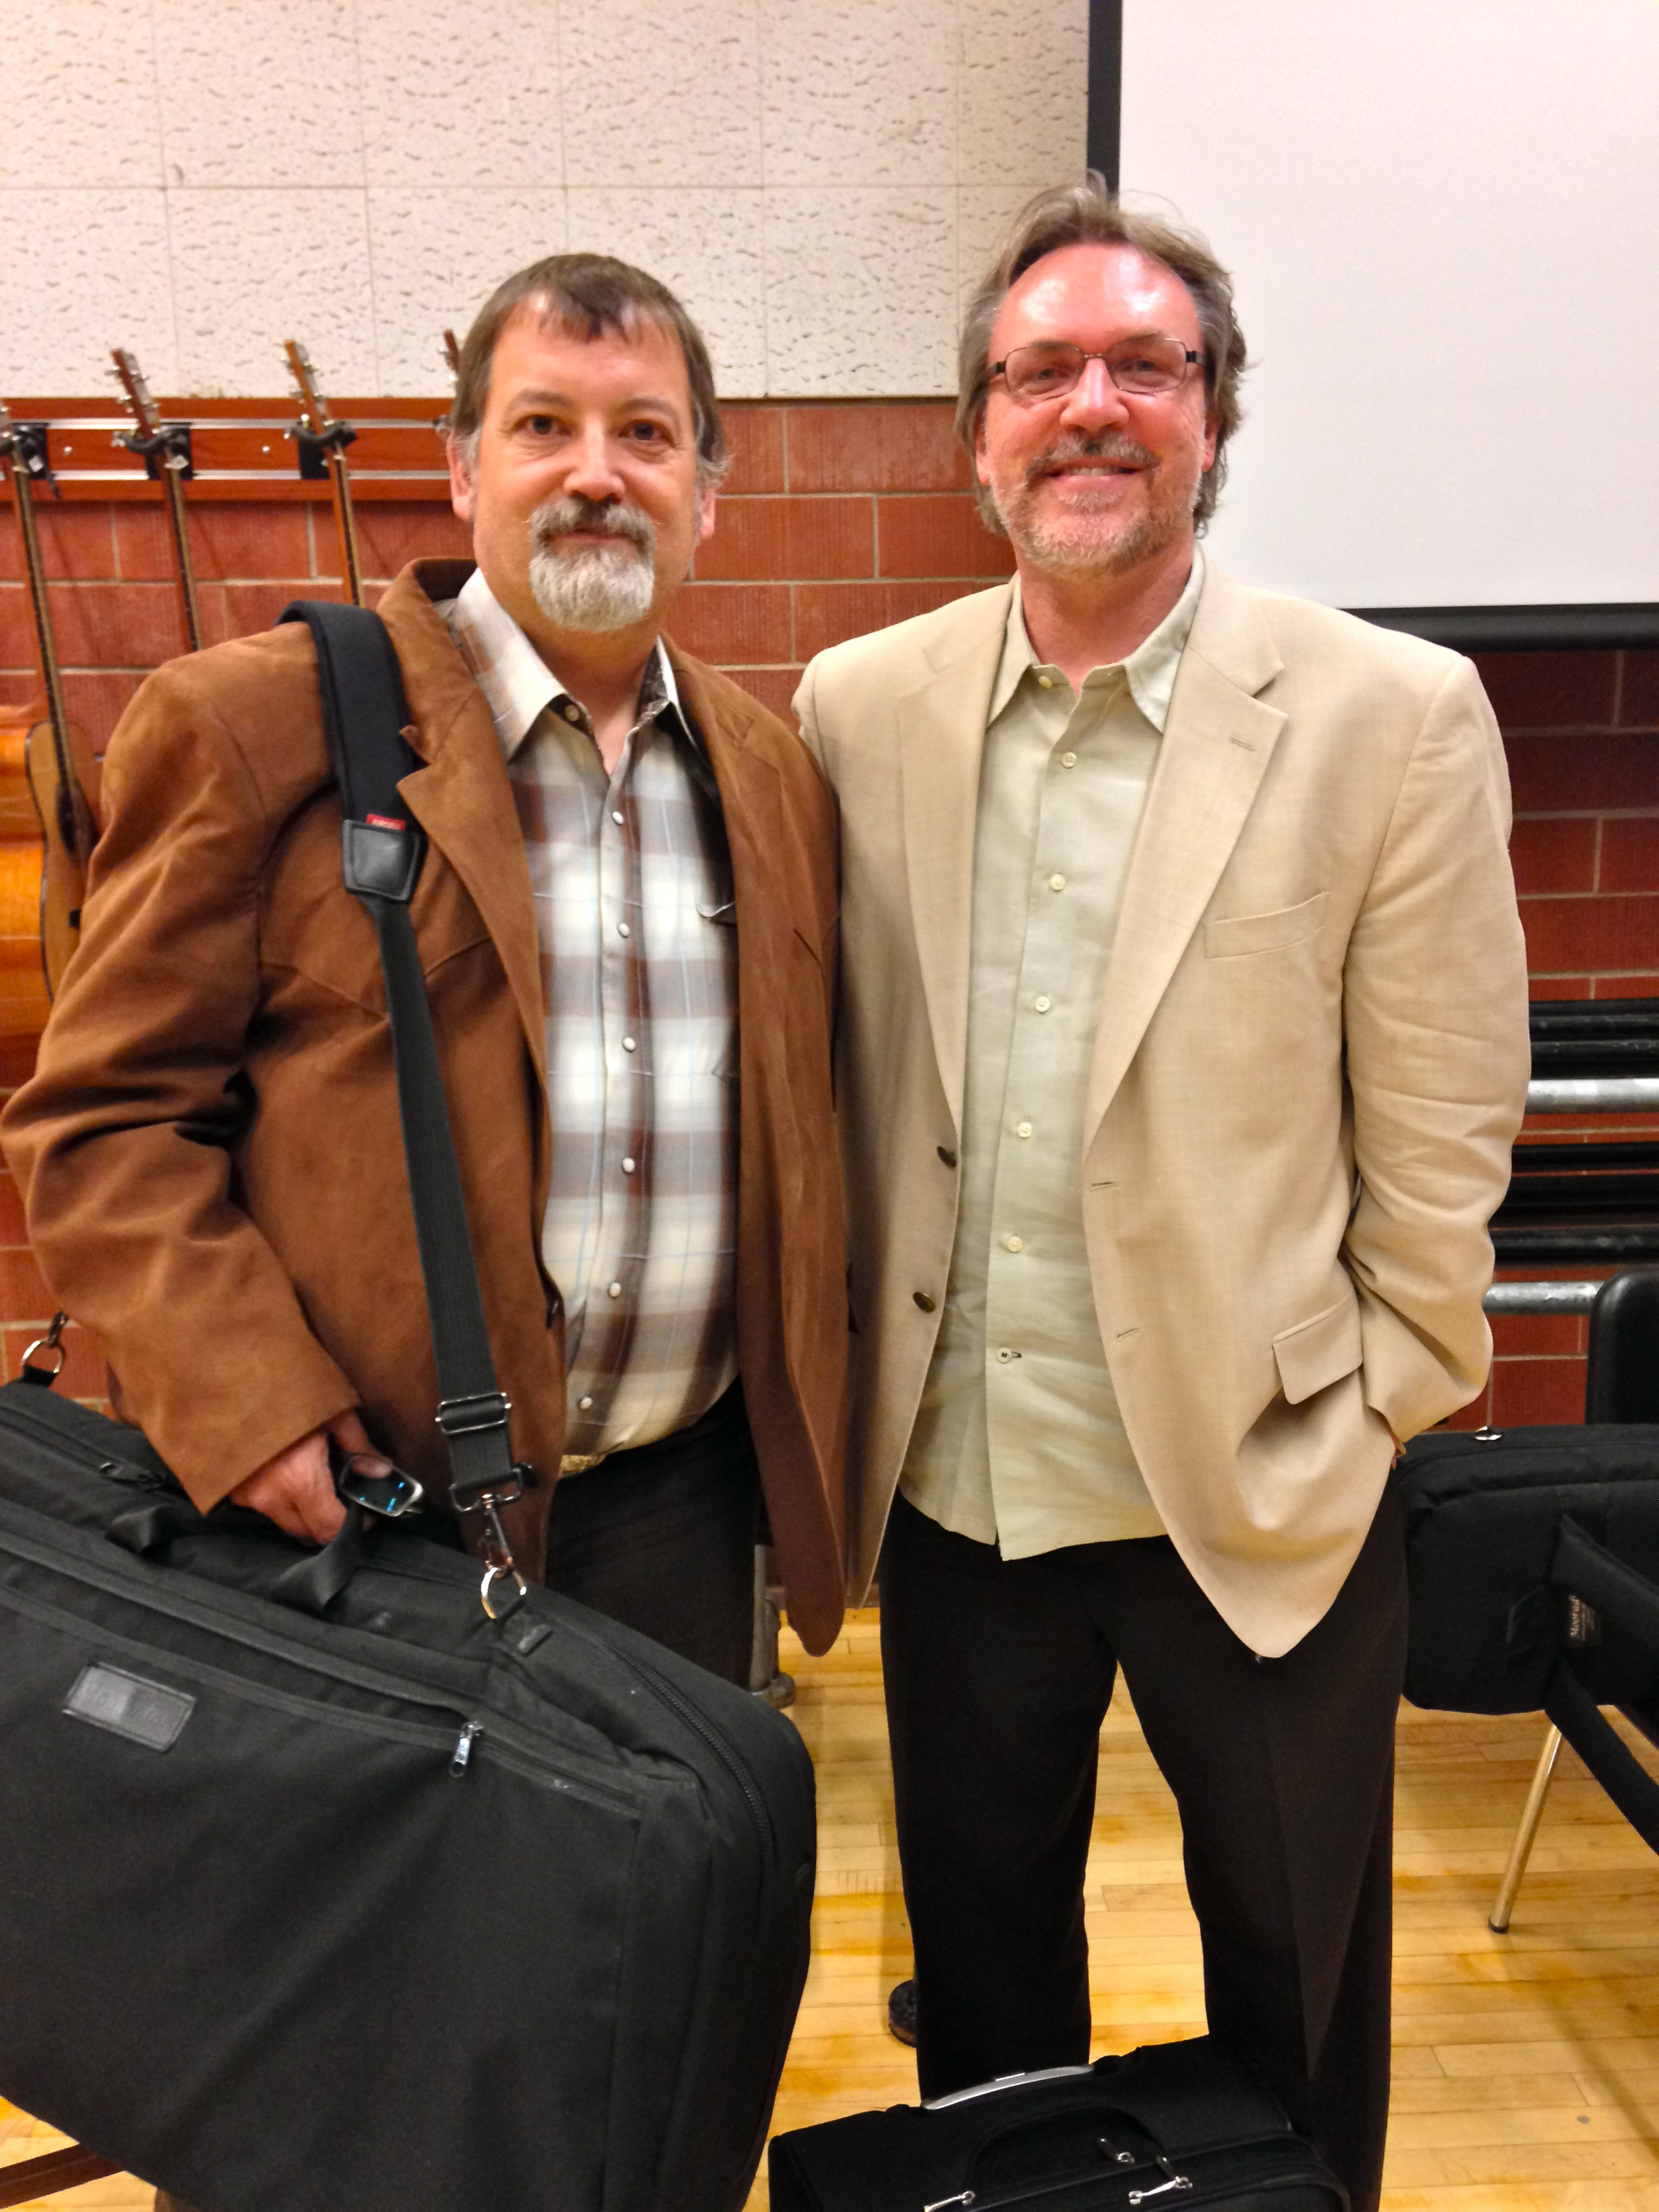 John Peskey and Mark O'Connor